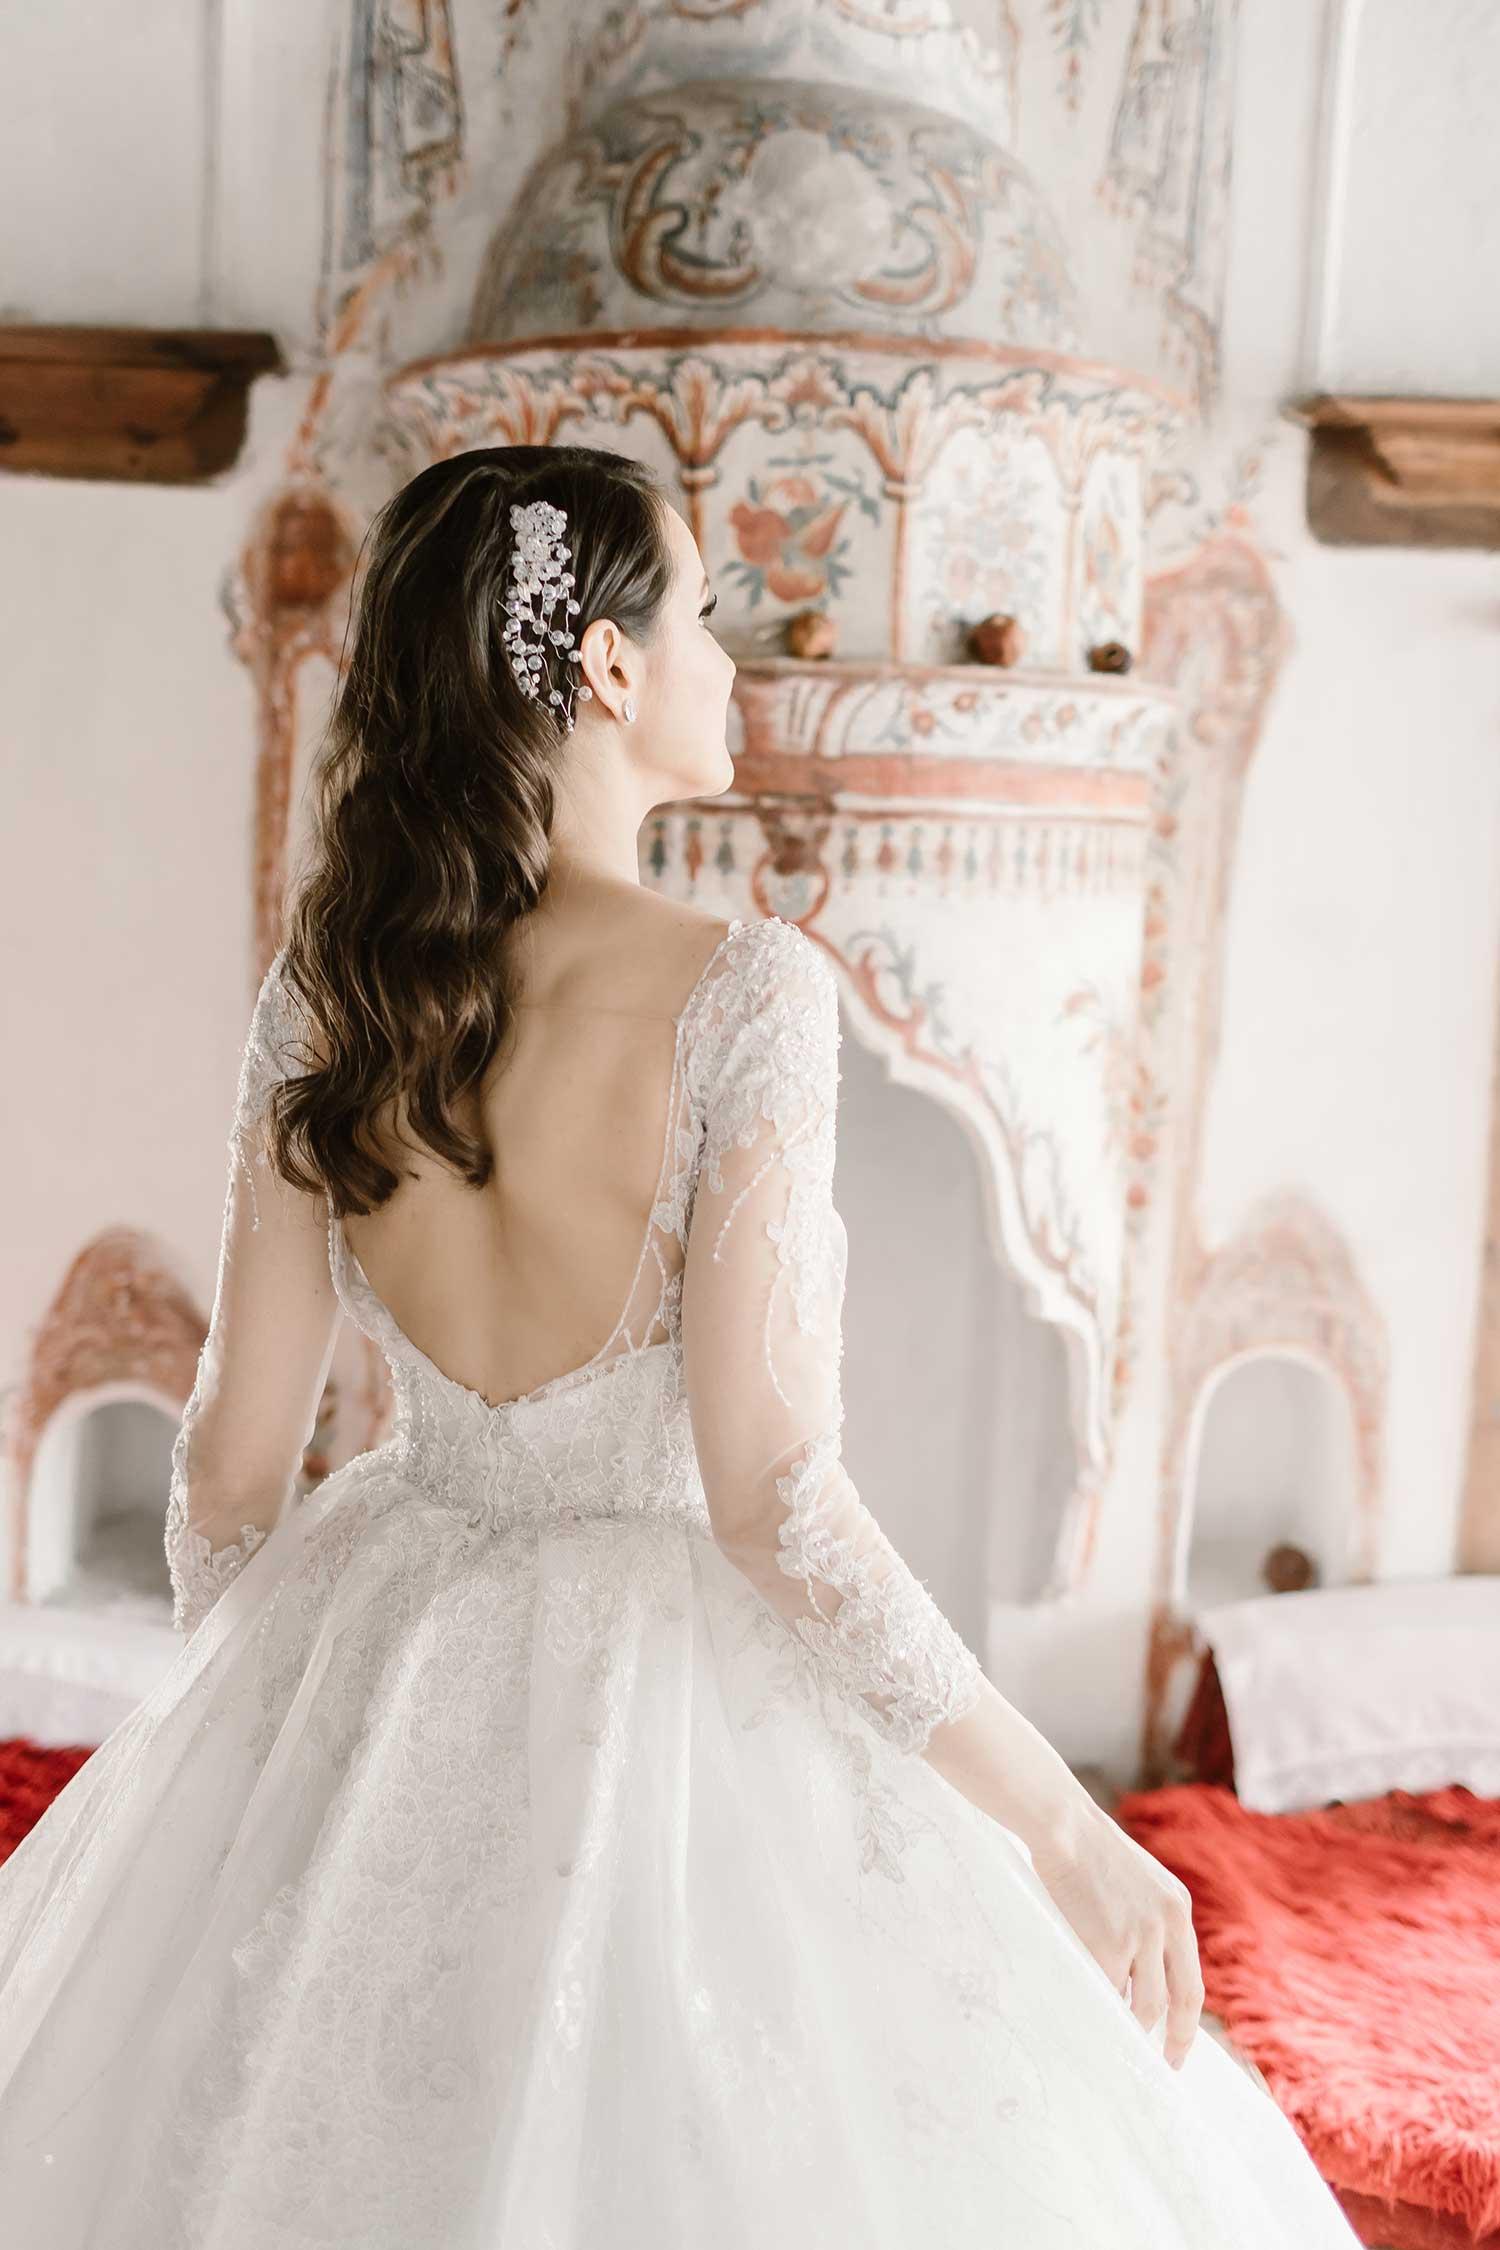 Unique details of the interior design and the bride